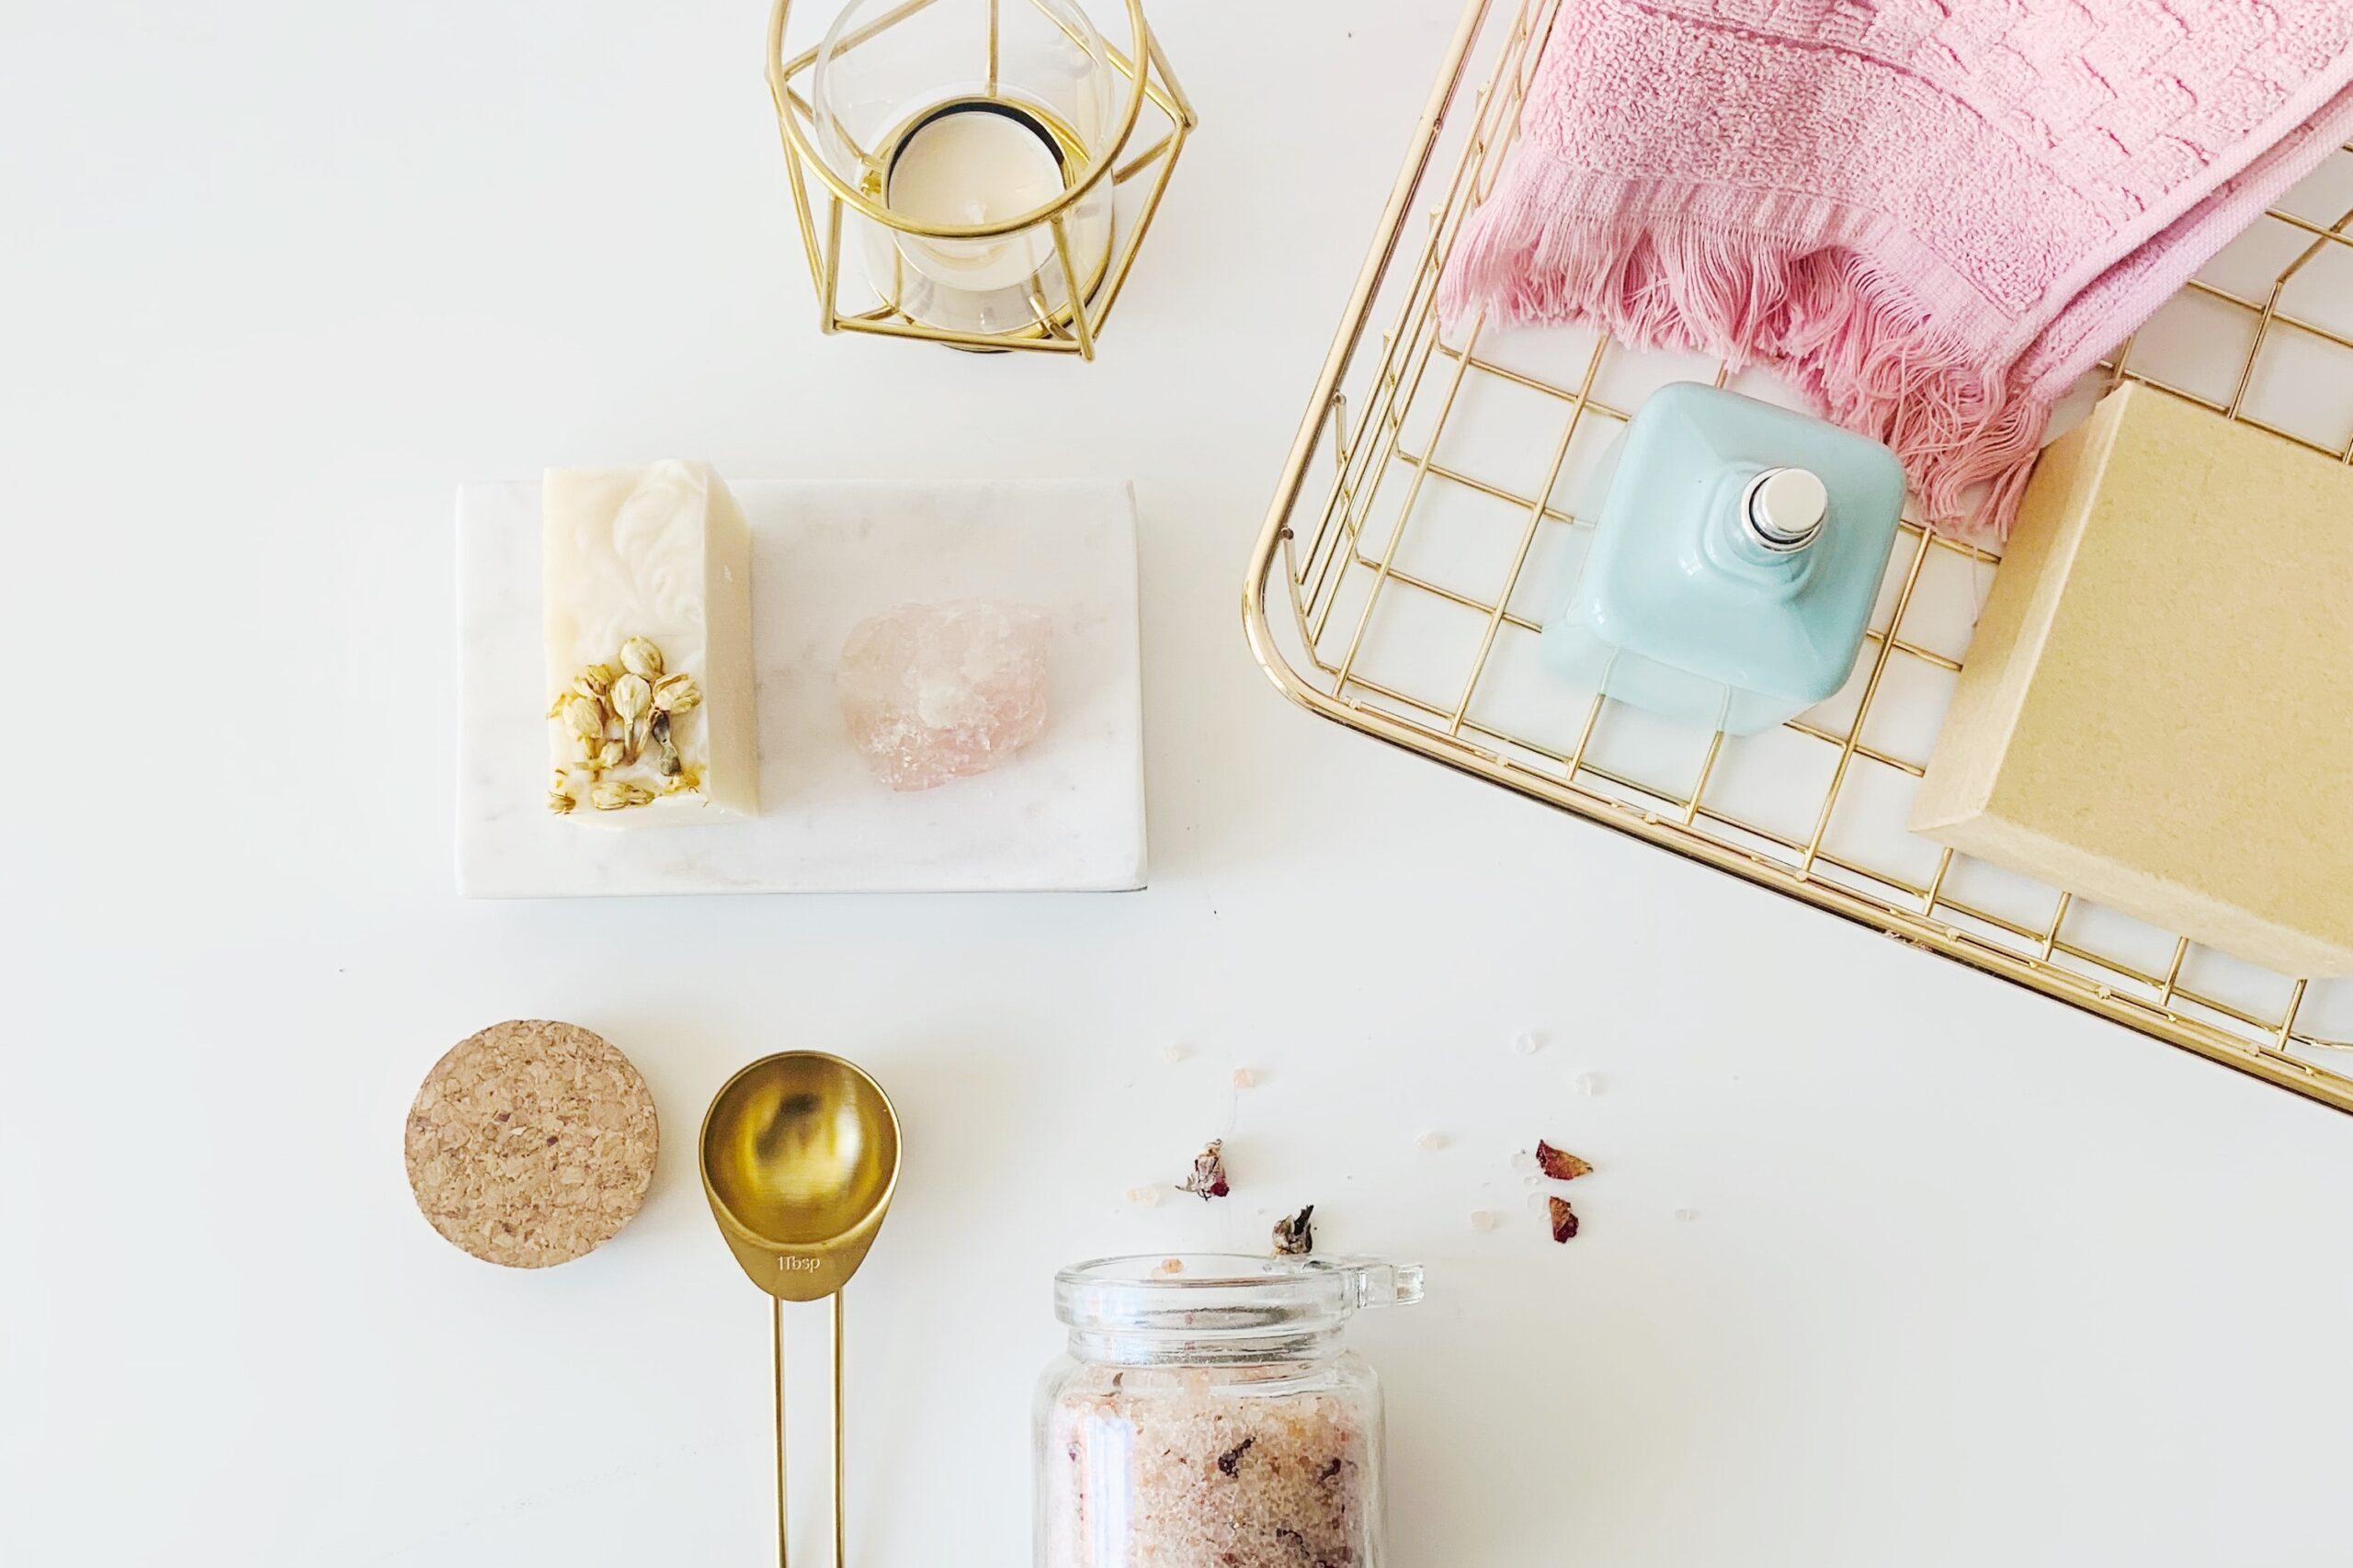 Ricreare una spa in casa con prodotti low cost thumbnail